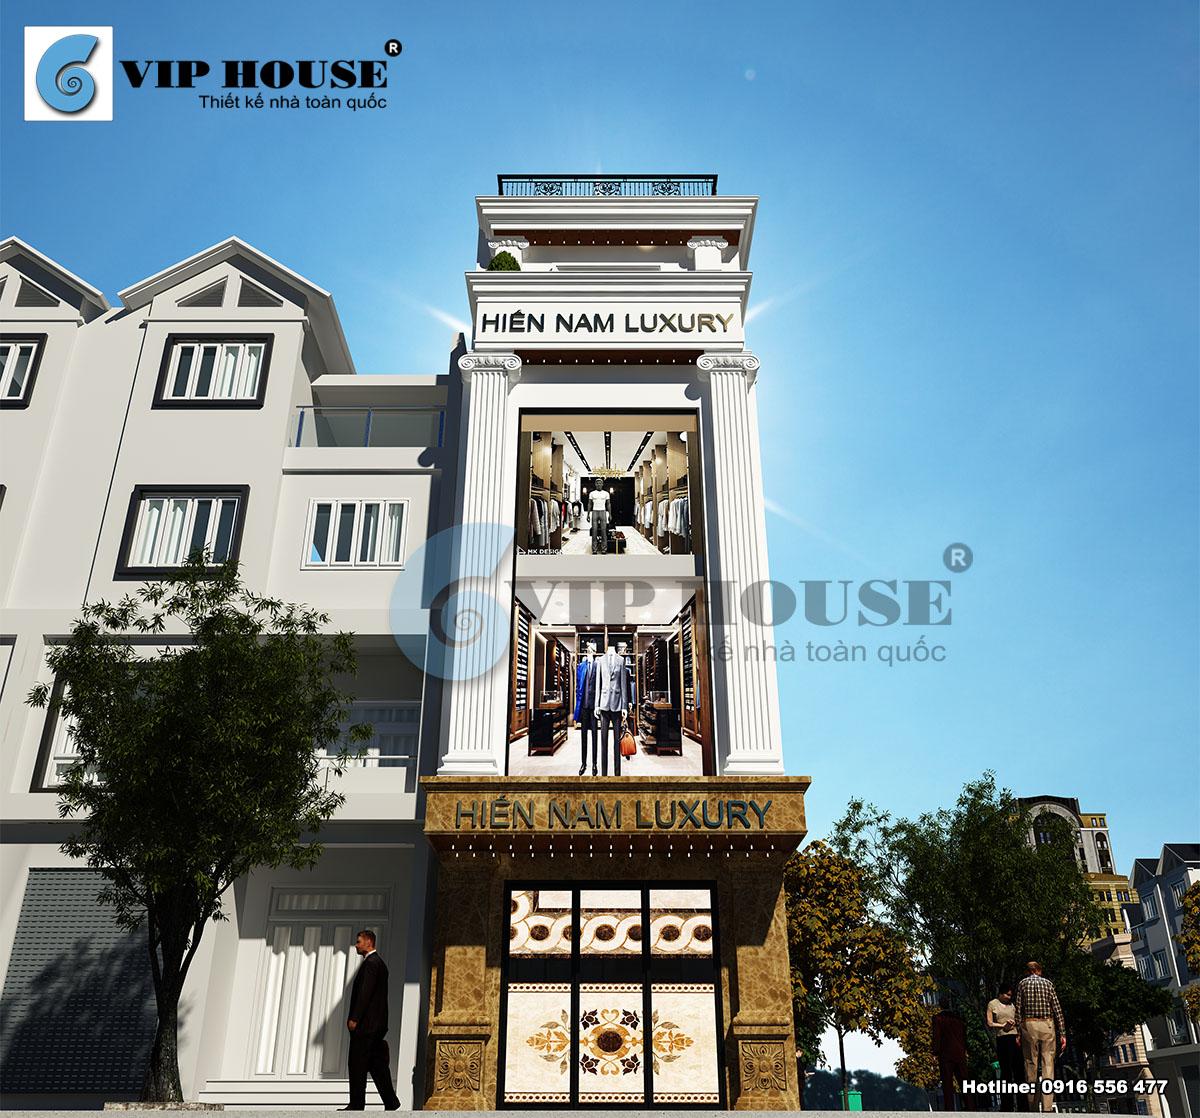 Hình ảnh: Phong cách tân cổ điển được thể hiện một cách đầy ấn tượng và bắt mắt cho công trình nhà phố 4 tầng 1 tum